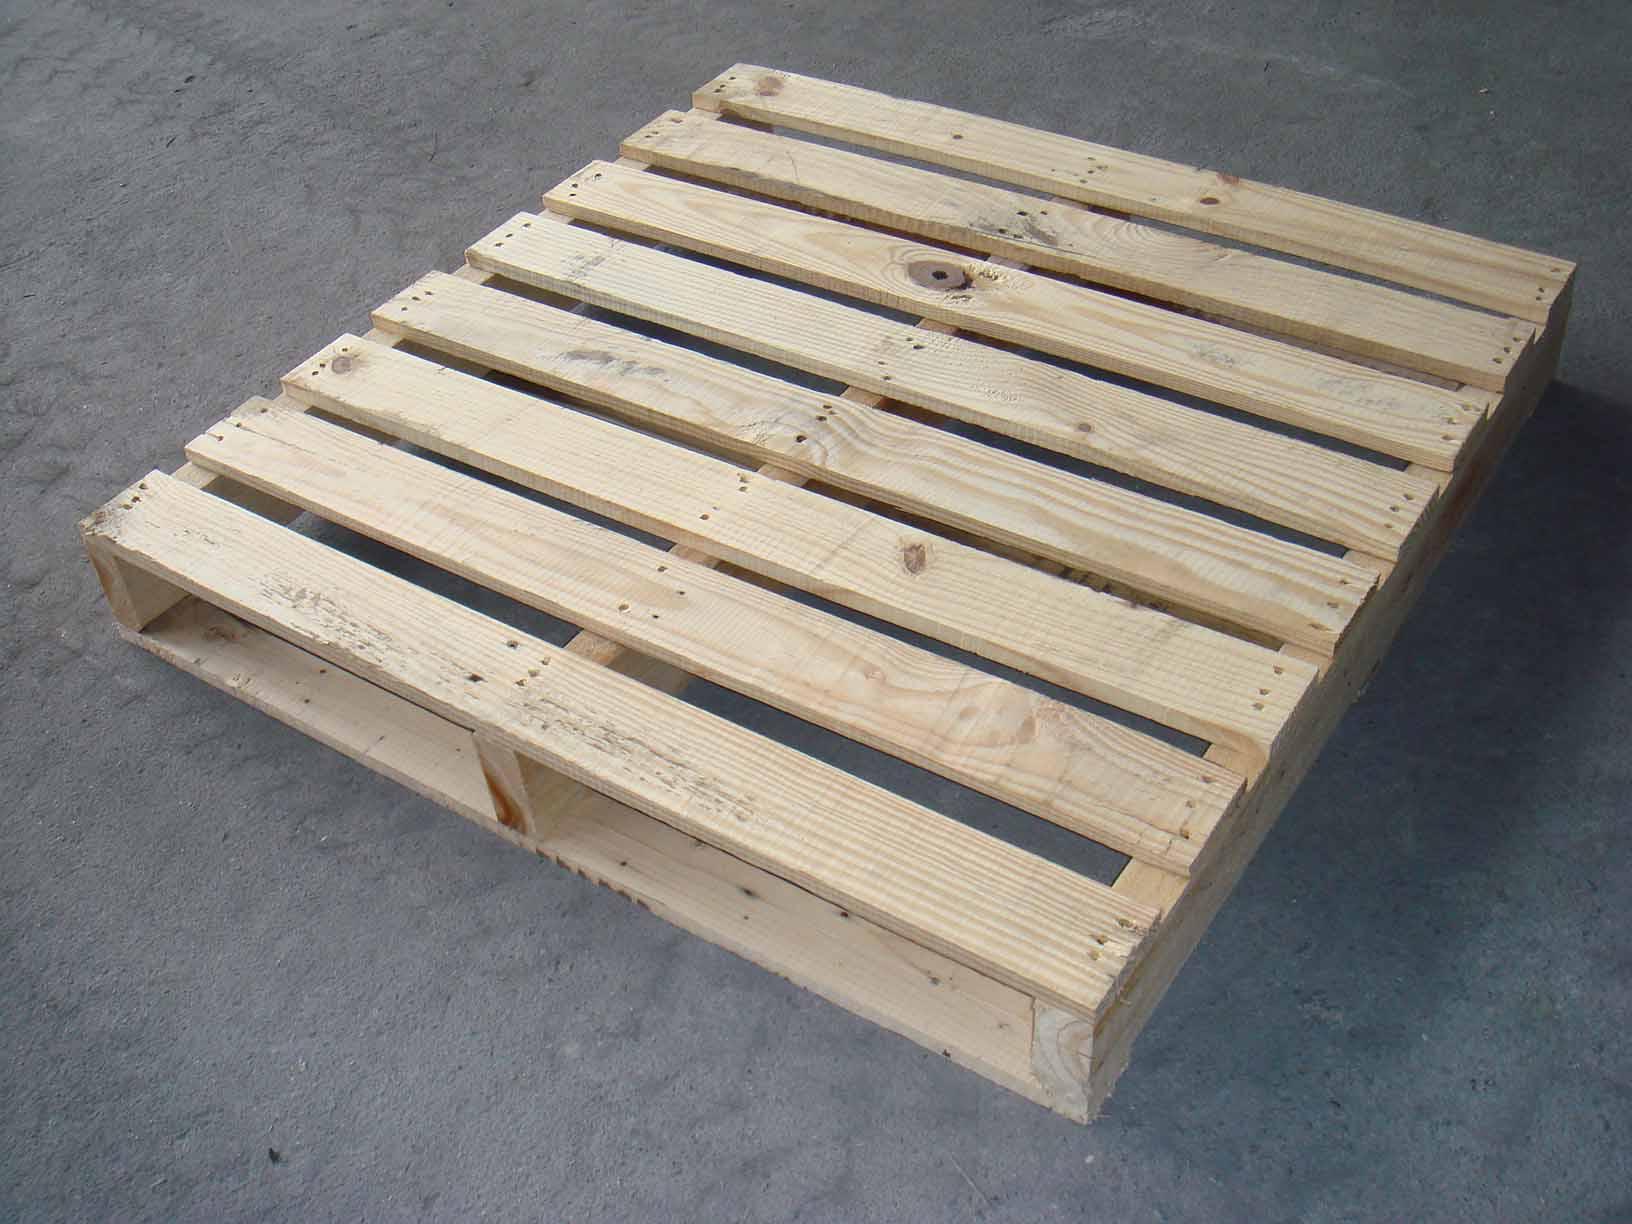 漳州实木托盘厂家-厦门木托盘加工厂家-厦门木托盘生产厂家